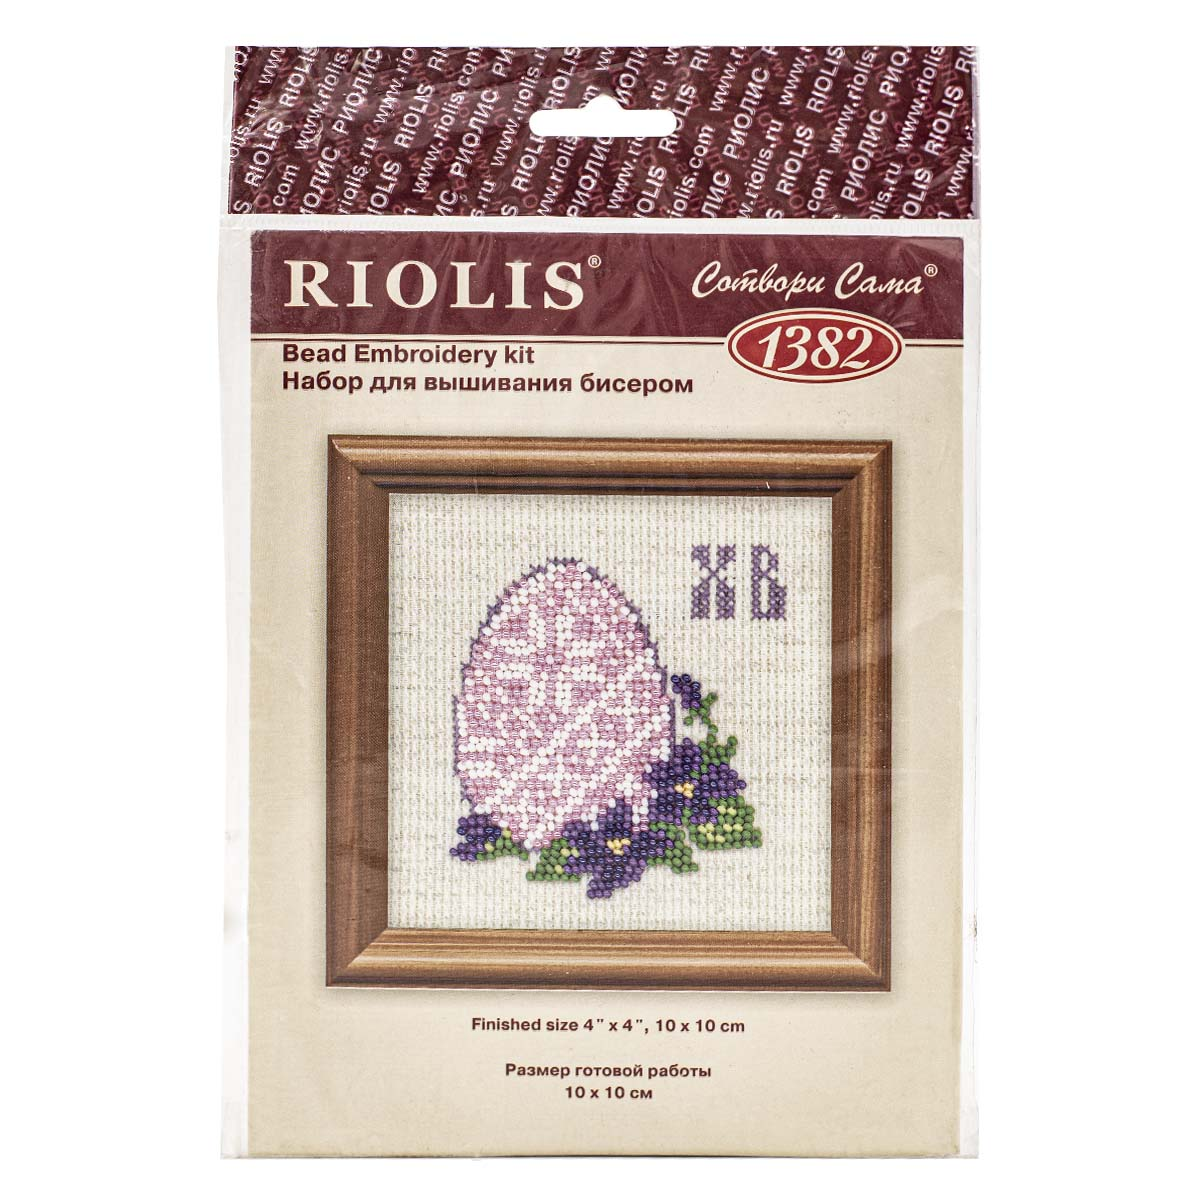 1382 Набор для вышивания бисером Riolis 'Пасхальное яйцо', 10*10 см